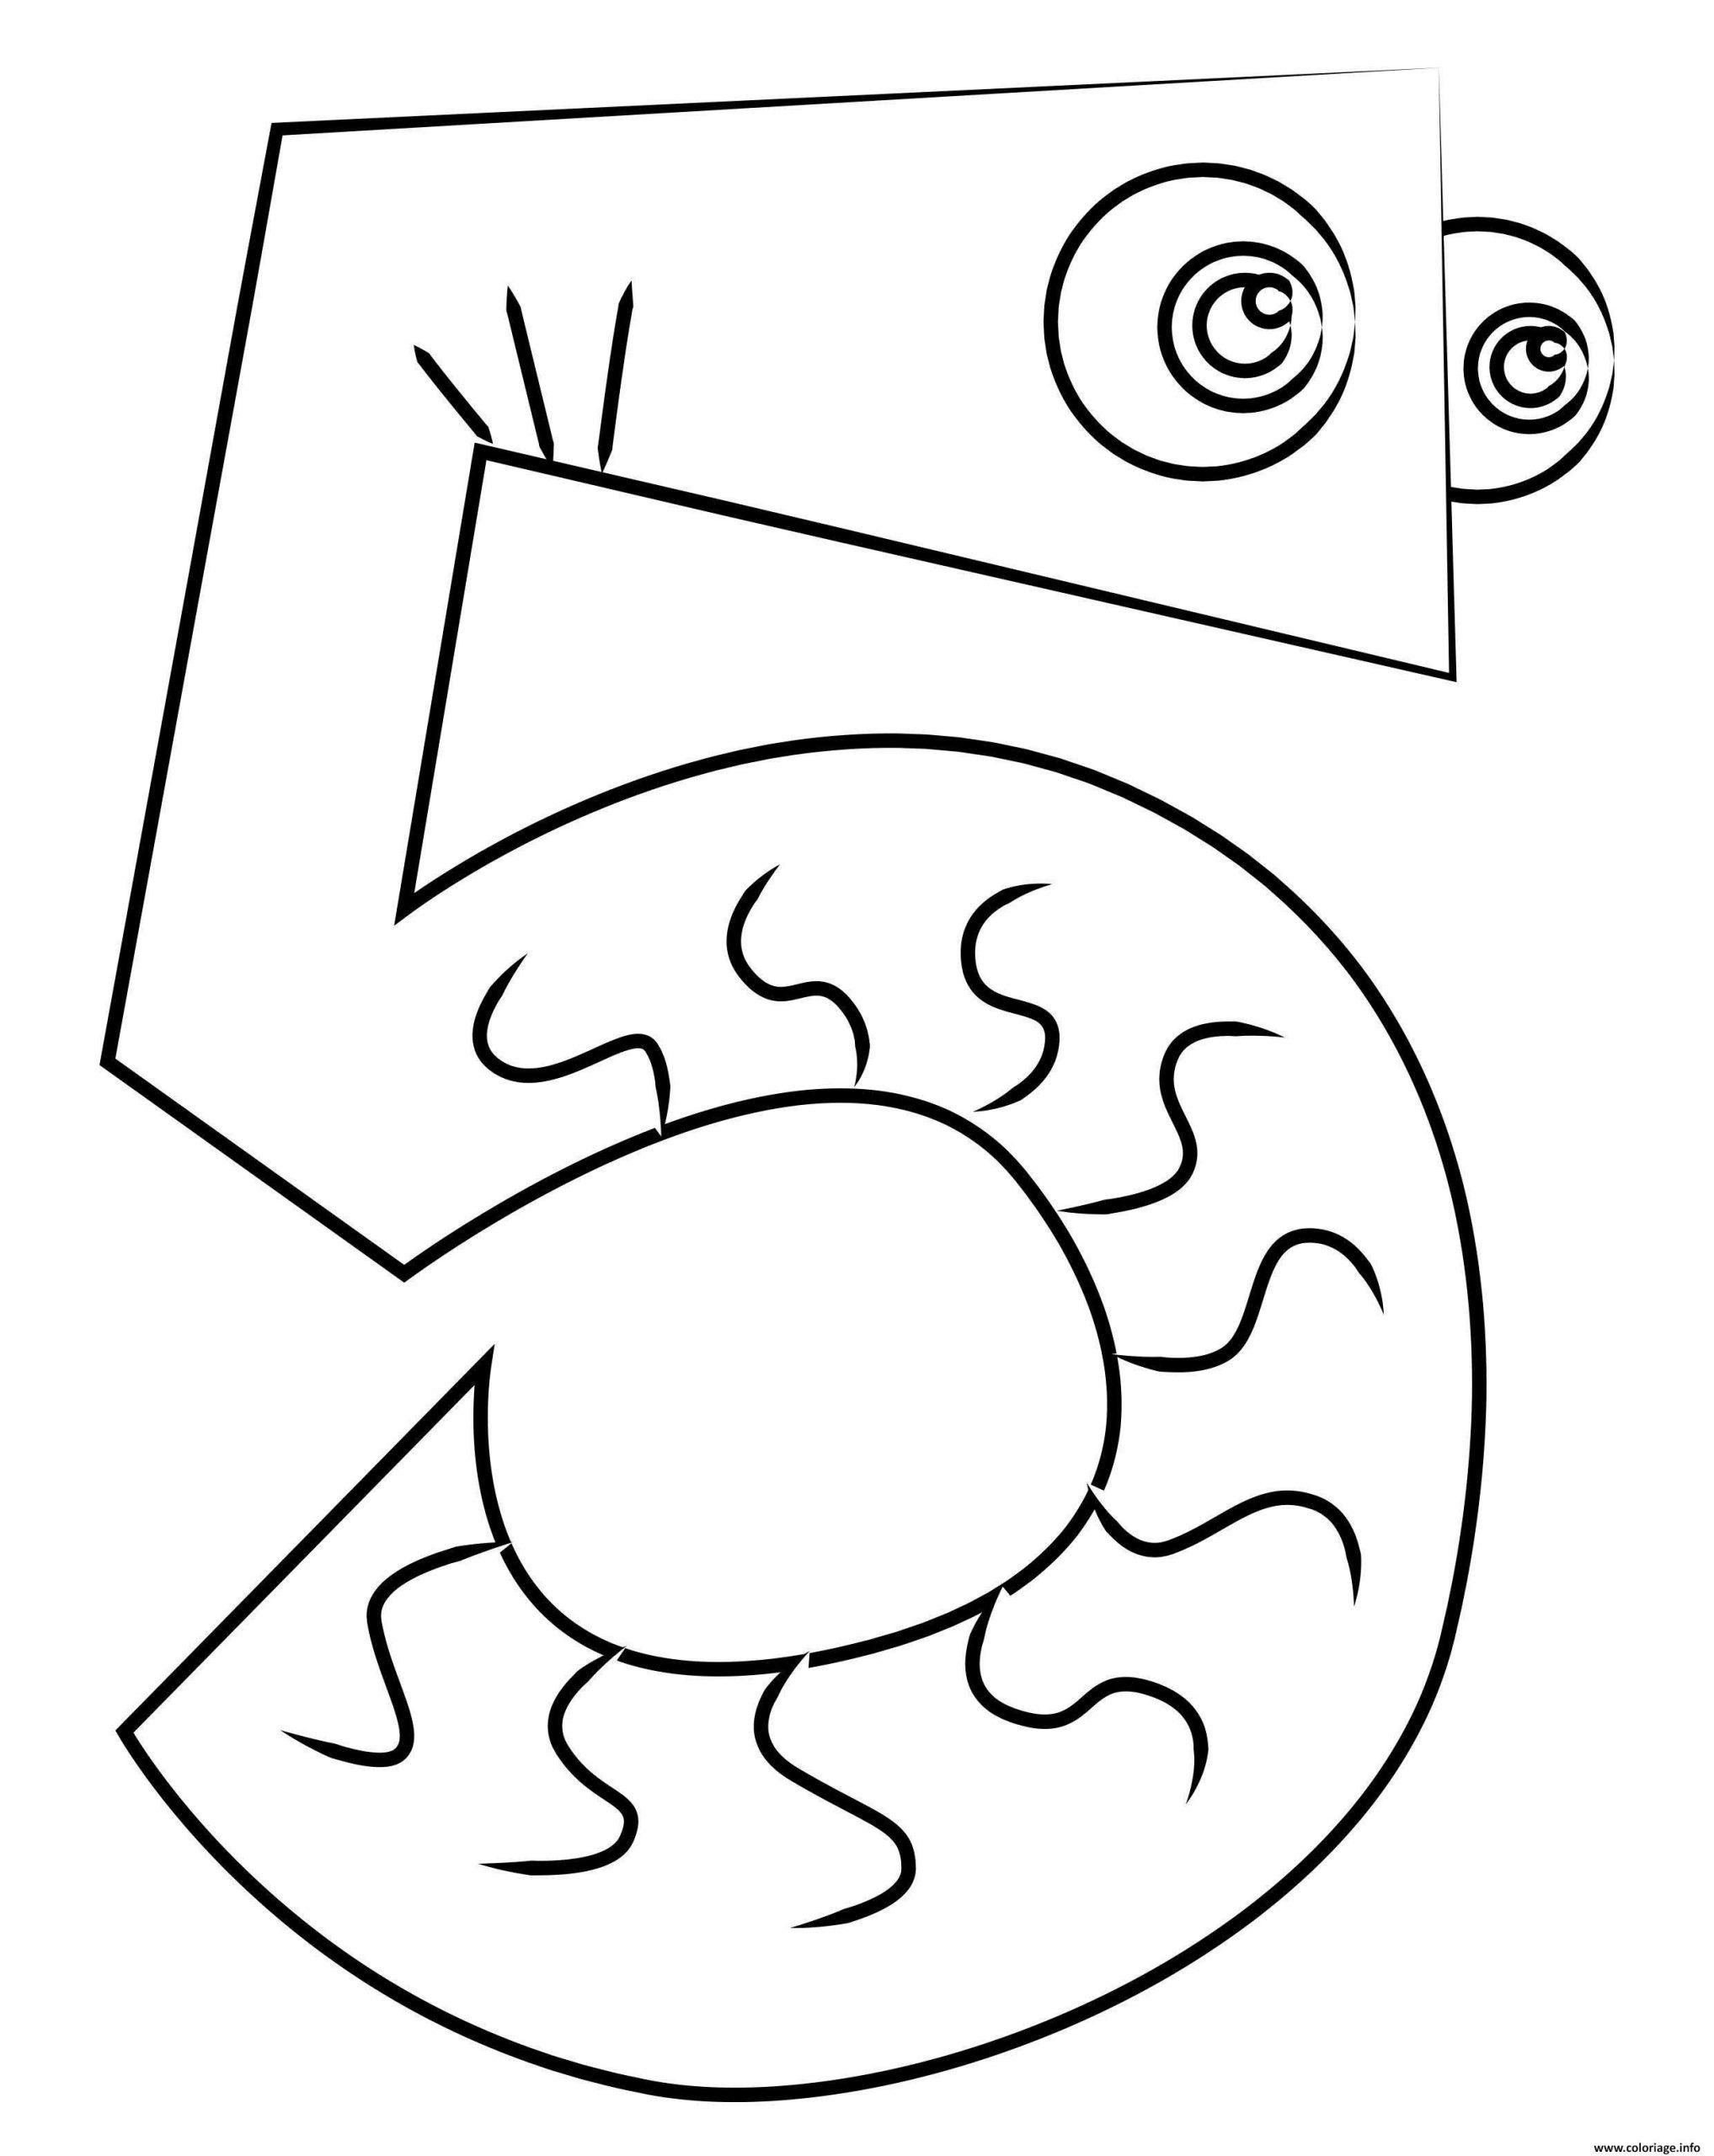 Coloriage Chiffre 3 Maternelle Dessin Chiffres À Imprimer tout Coloriage En Ligne 3 Ans